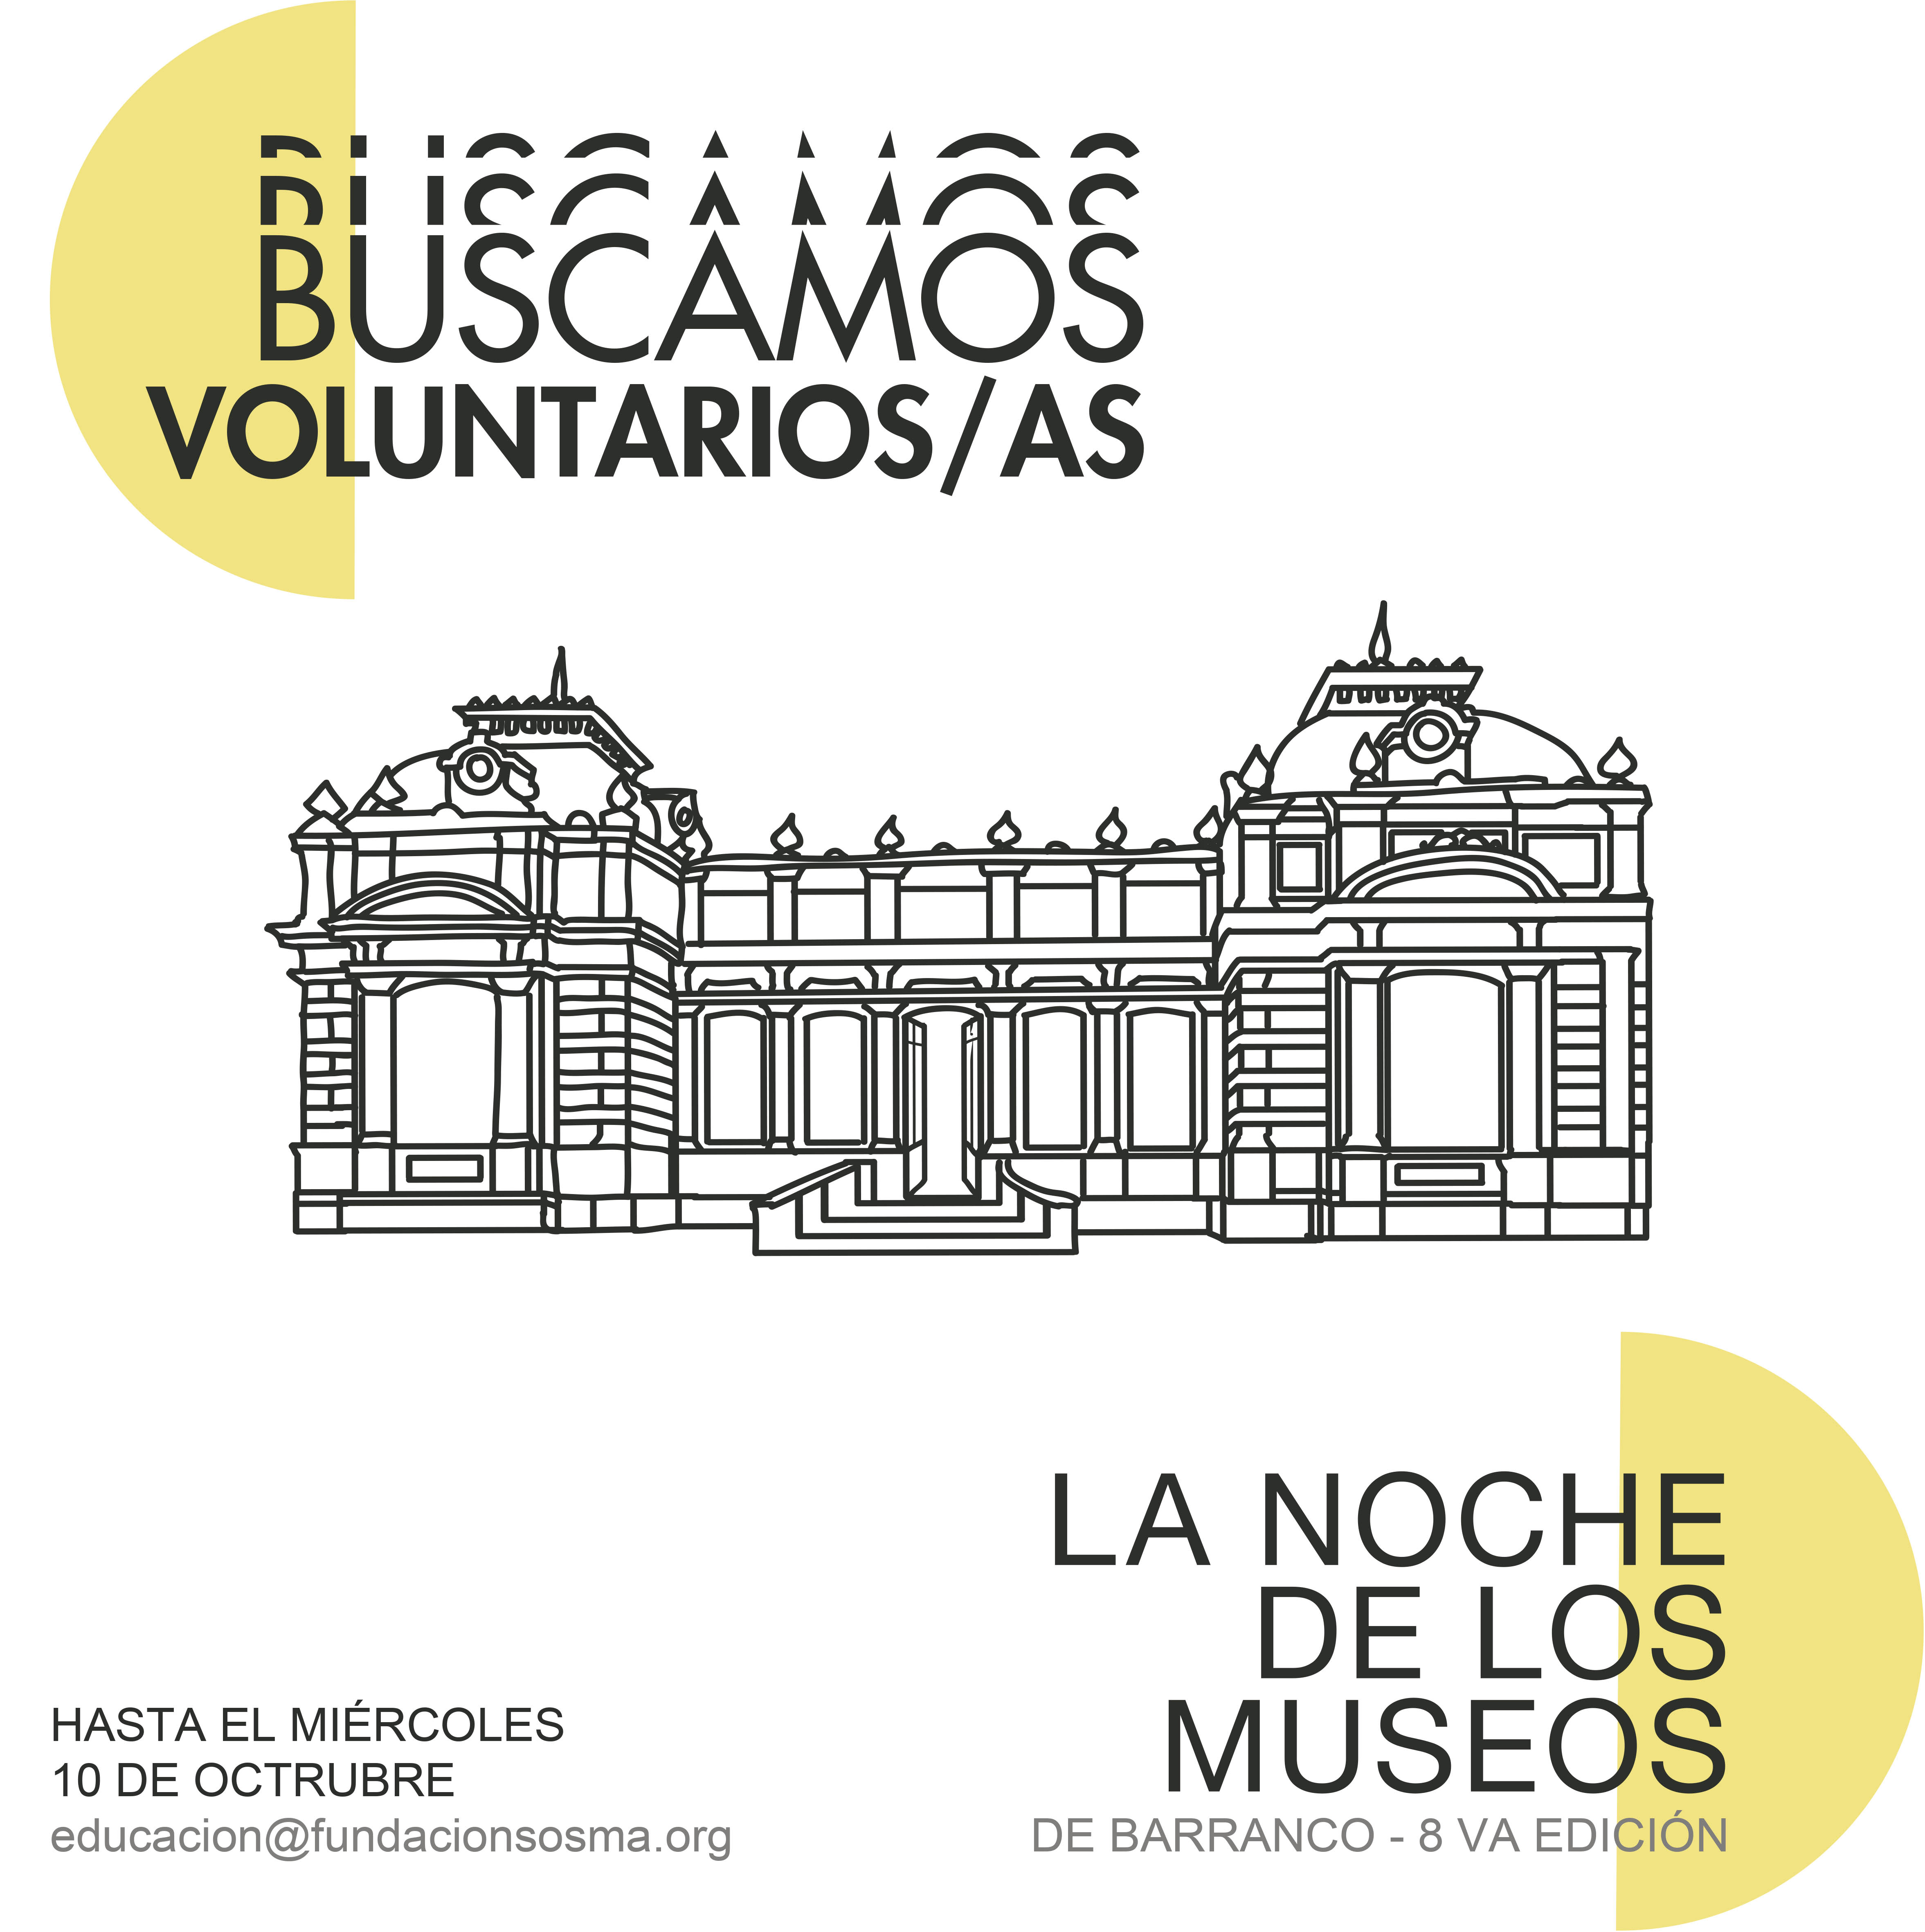 (Español) Buscamos voluntarios/as: La Noche de los Museos de Barranco – 8va. Edición